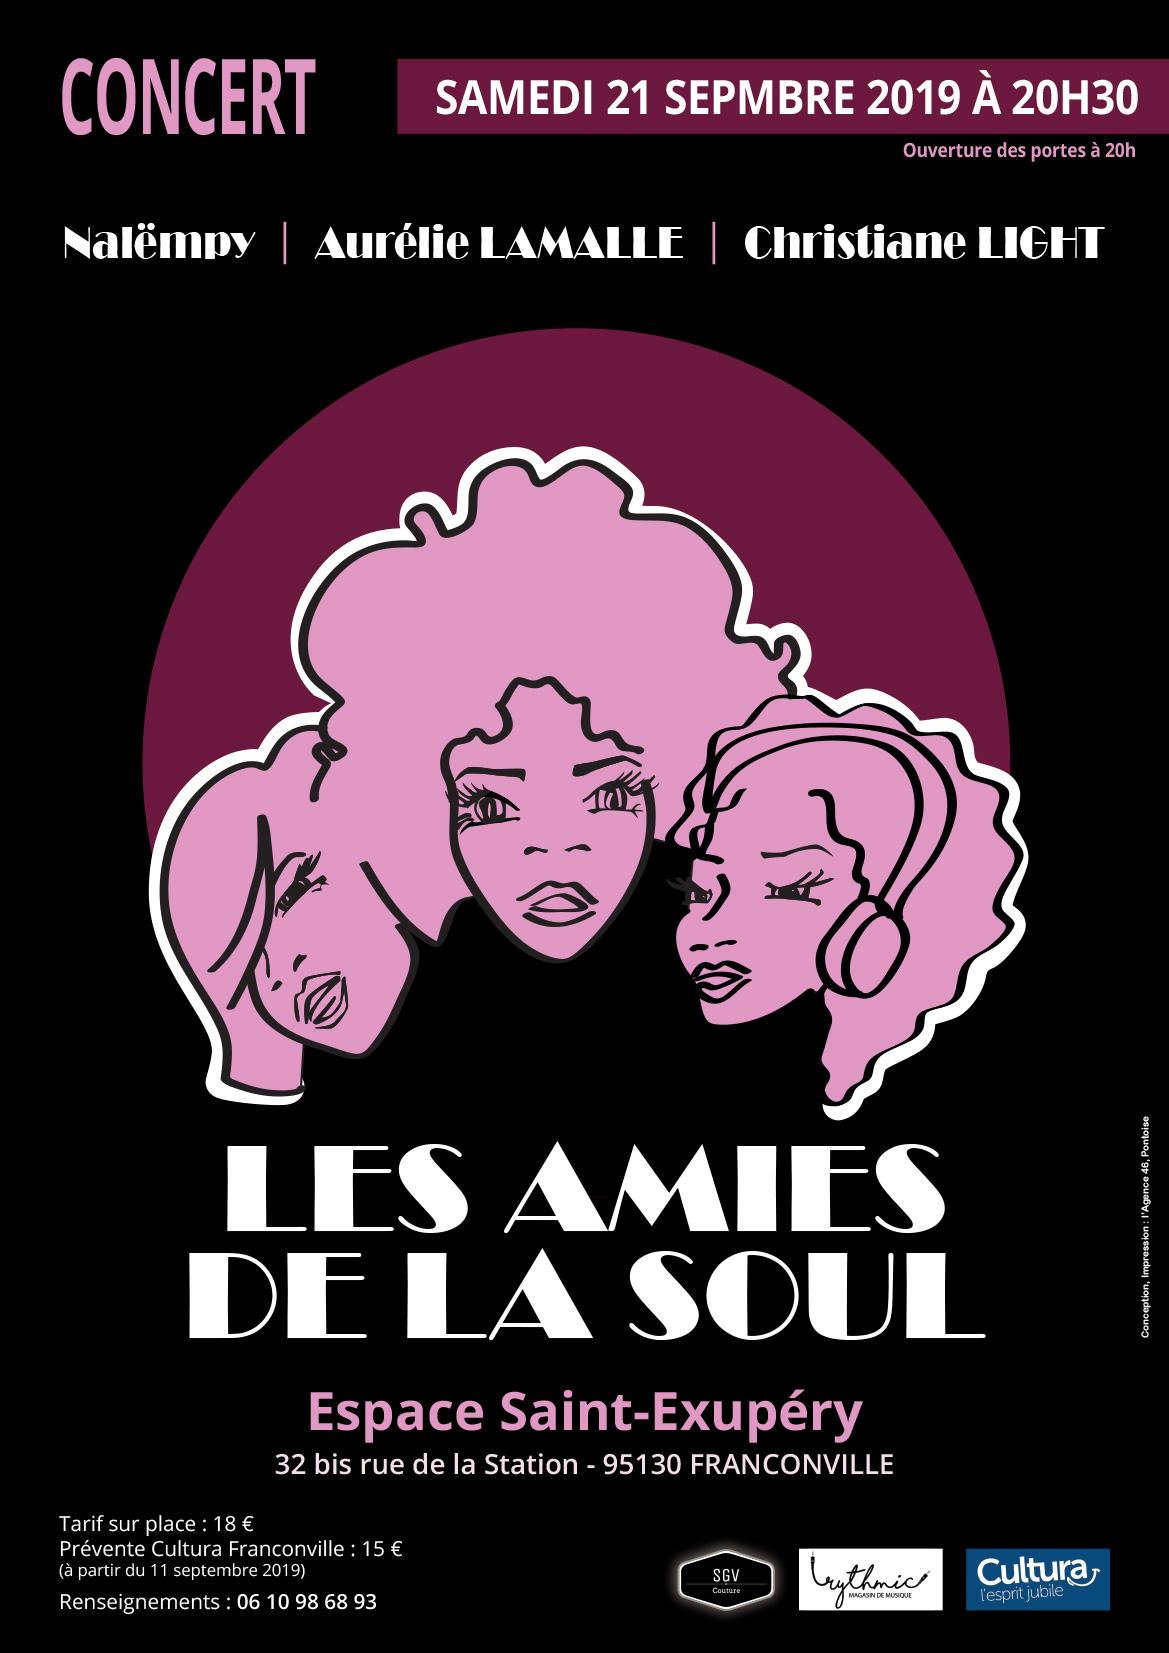 LES AMIES DE LA SOUL en concert à Franconville